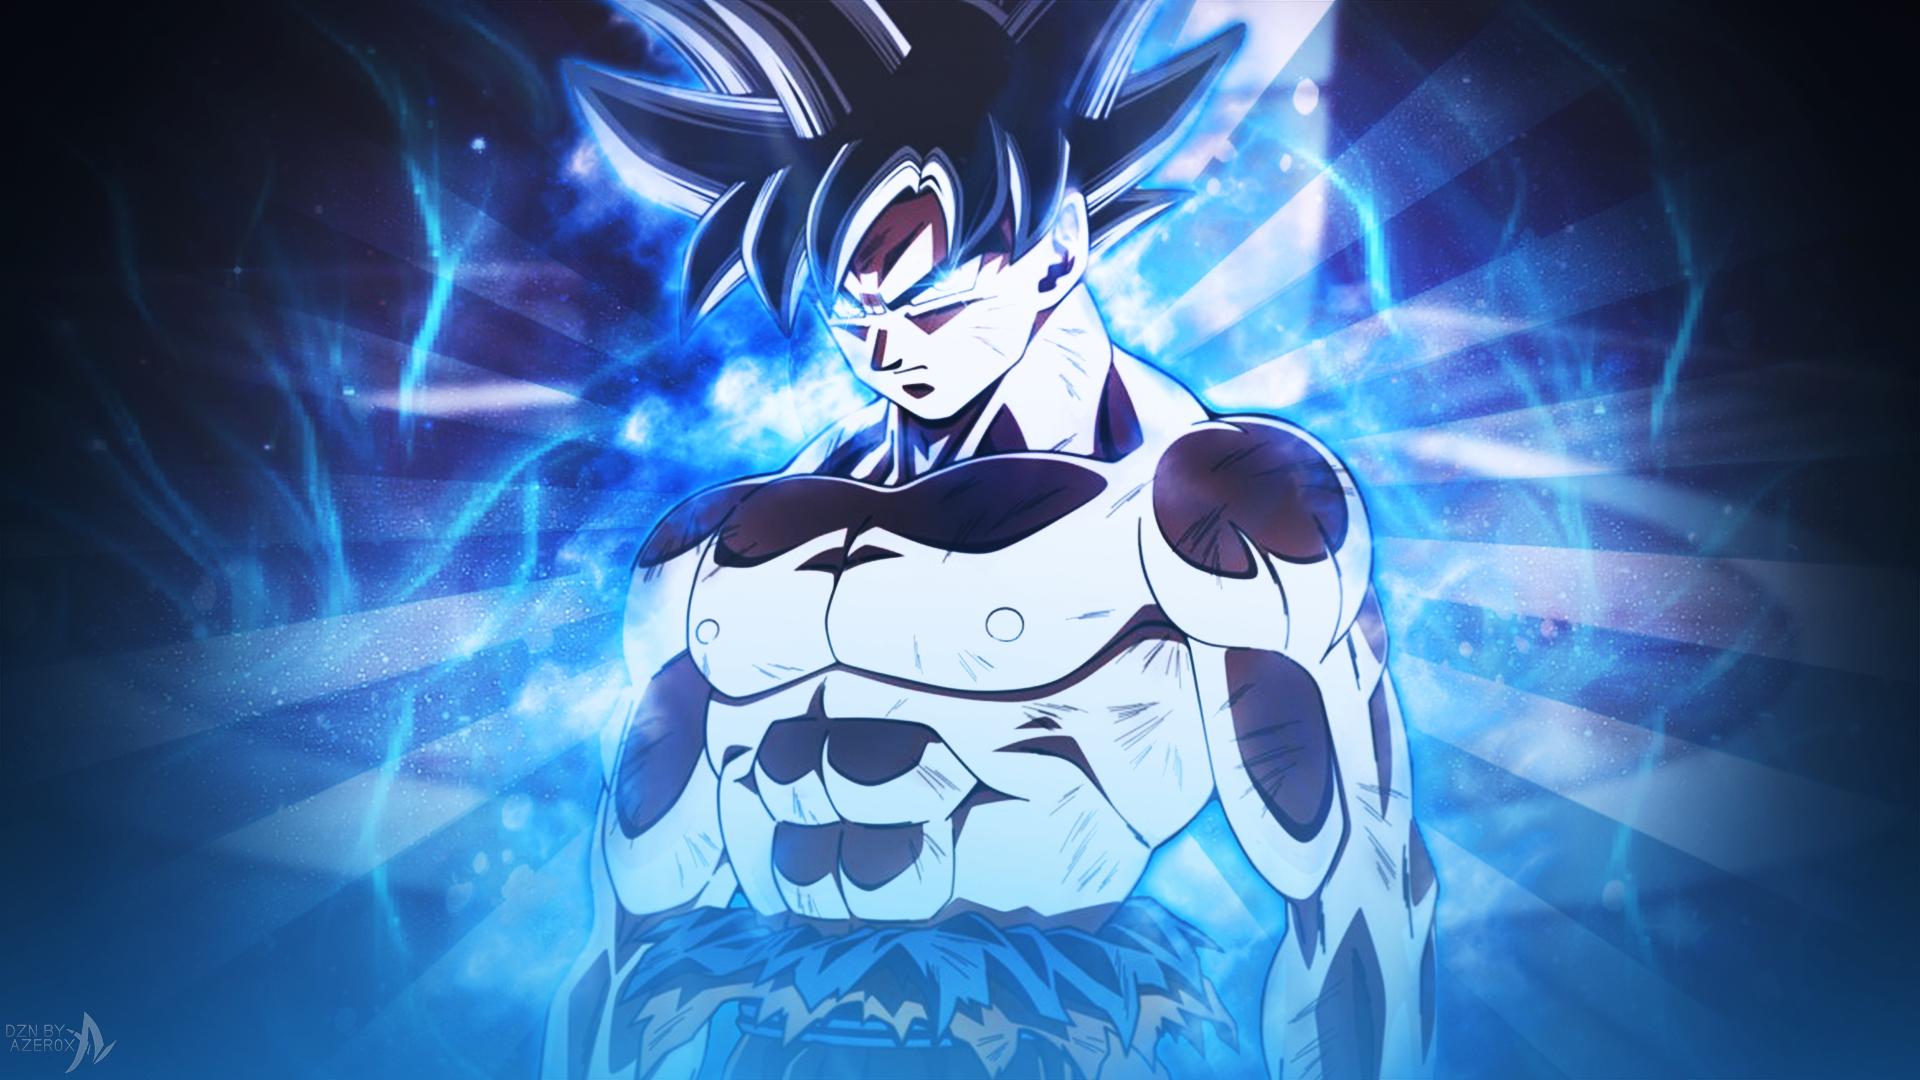 Limit Breaker Goku Wallpapers 1920x1080